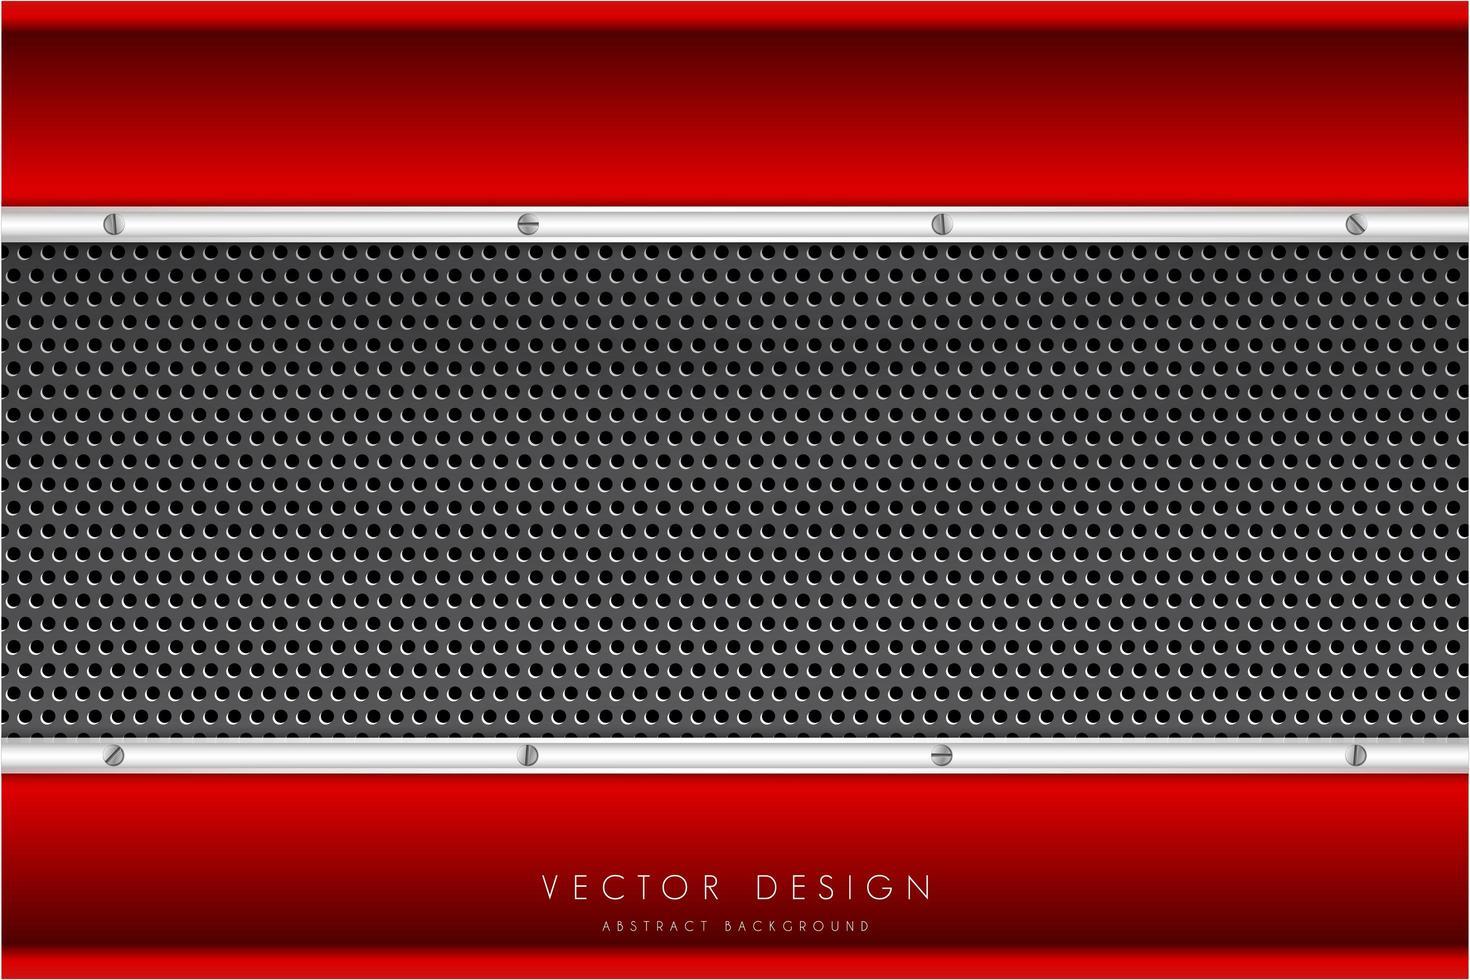 bordi metallici rossi e argento e trama in fibra di carbonio vettore